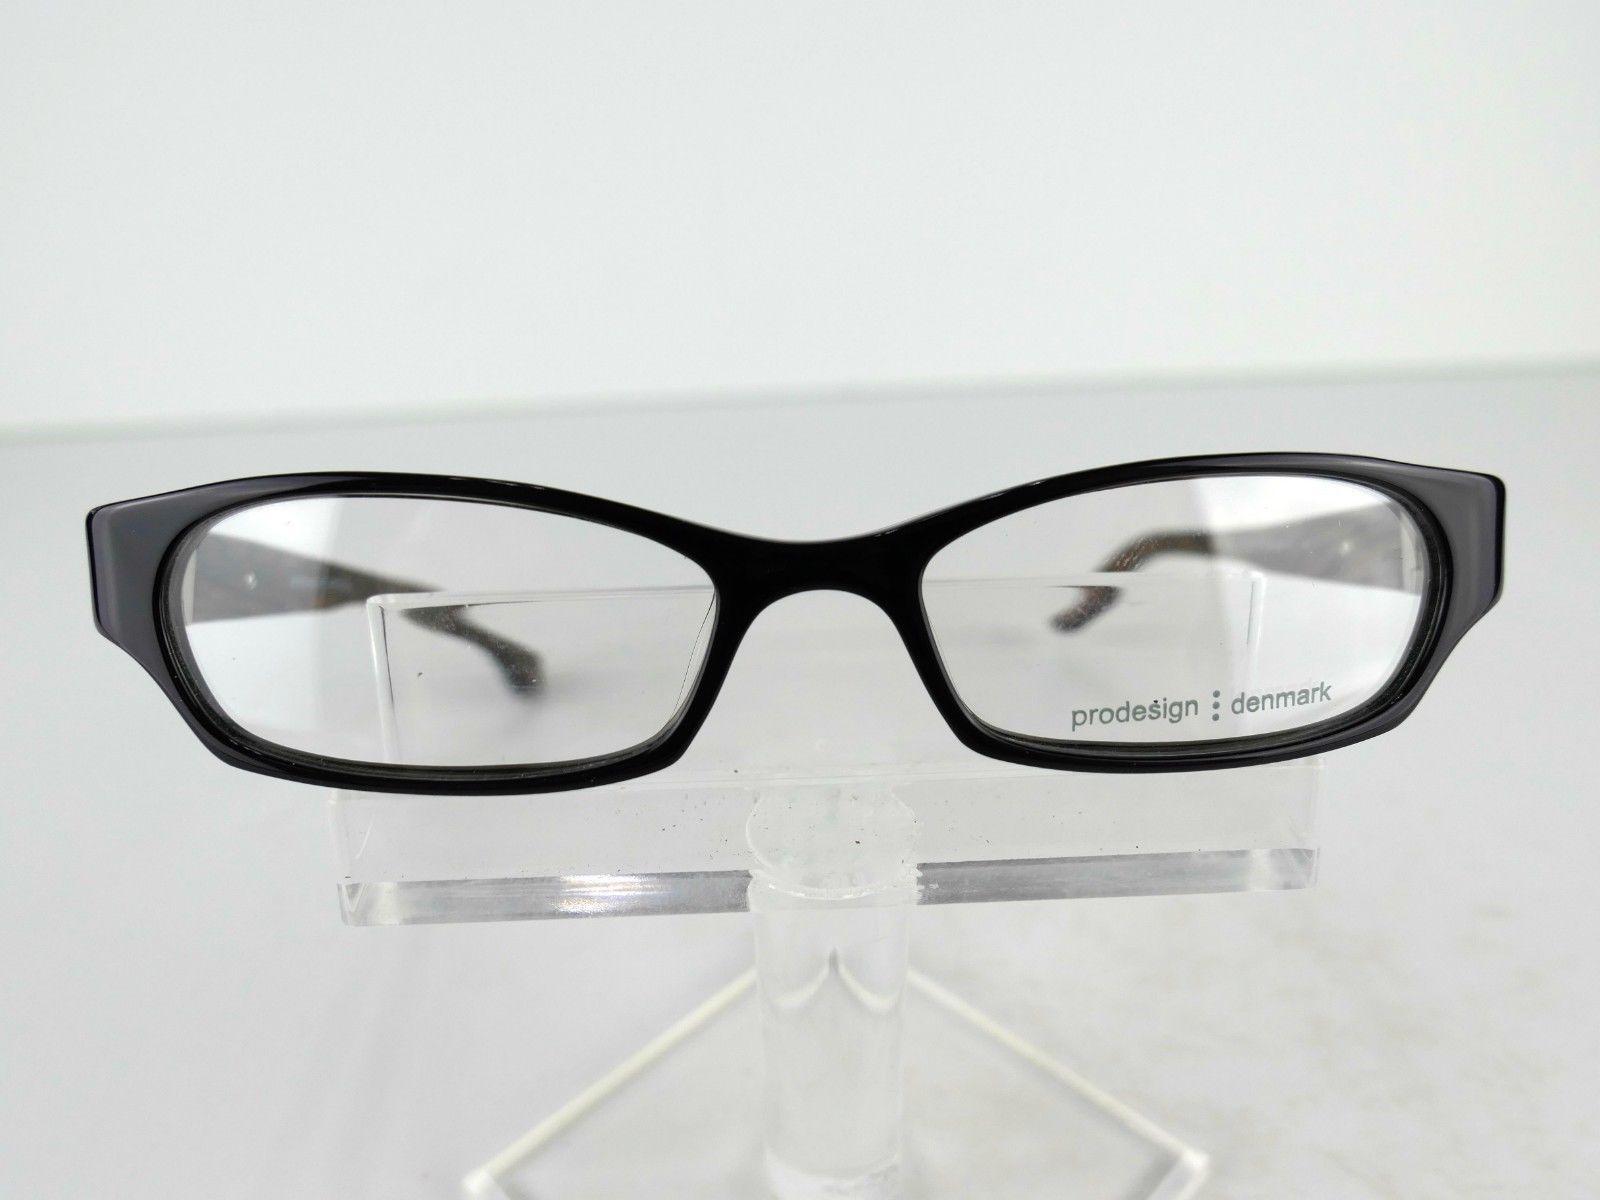 b7d14e3fb7c ... PRODESIGN DENMARK 7601 (3932) Aubergine Shiny 51 X 16 135 mm Frames  Eyeglass ...